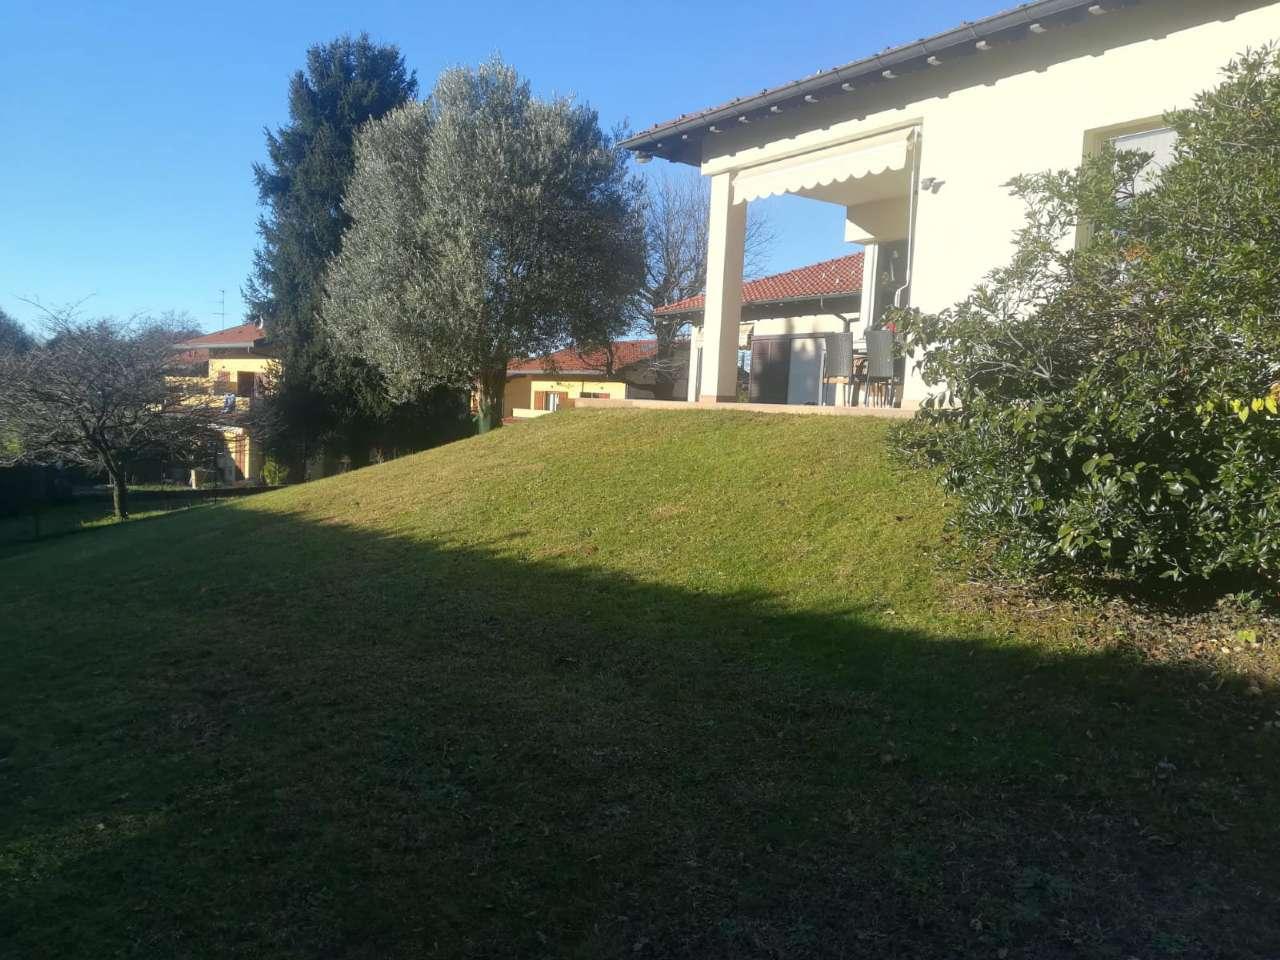 Villa in vendita a Capiago Intimiano, 4 locali, prezzo € 530.000 | PortaleAgenzieImmobiliari.it